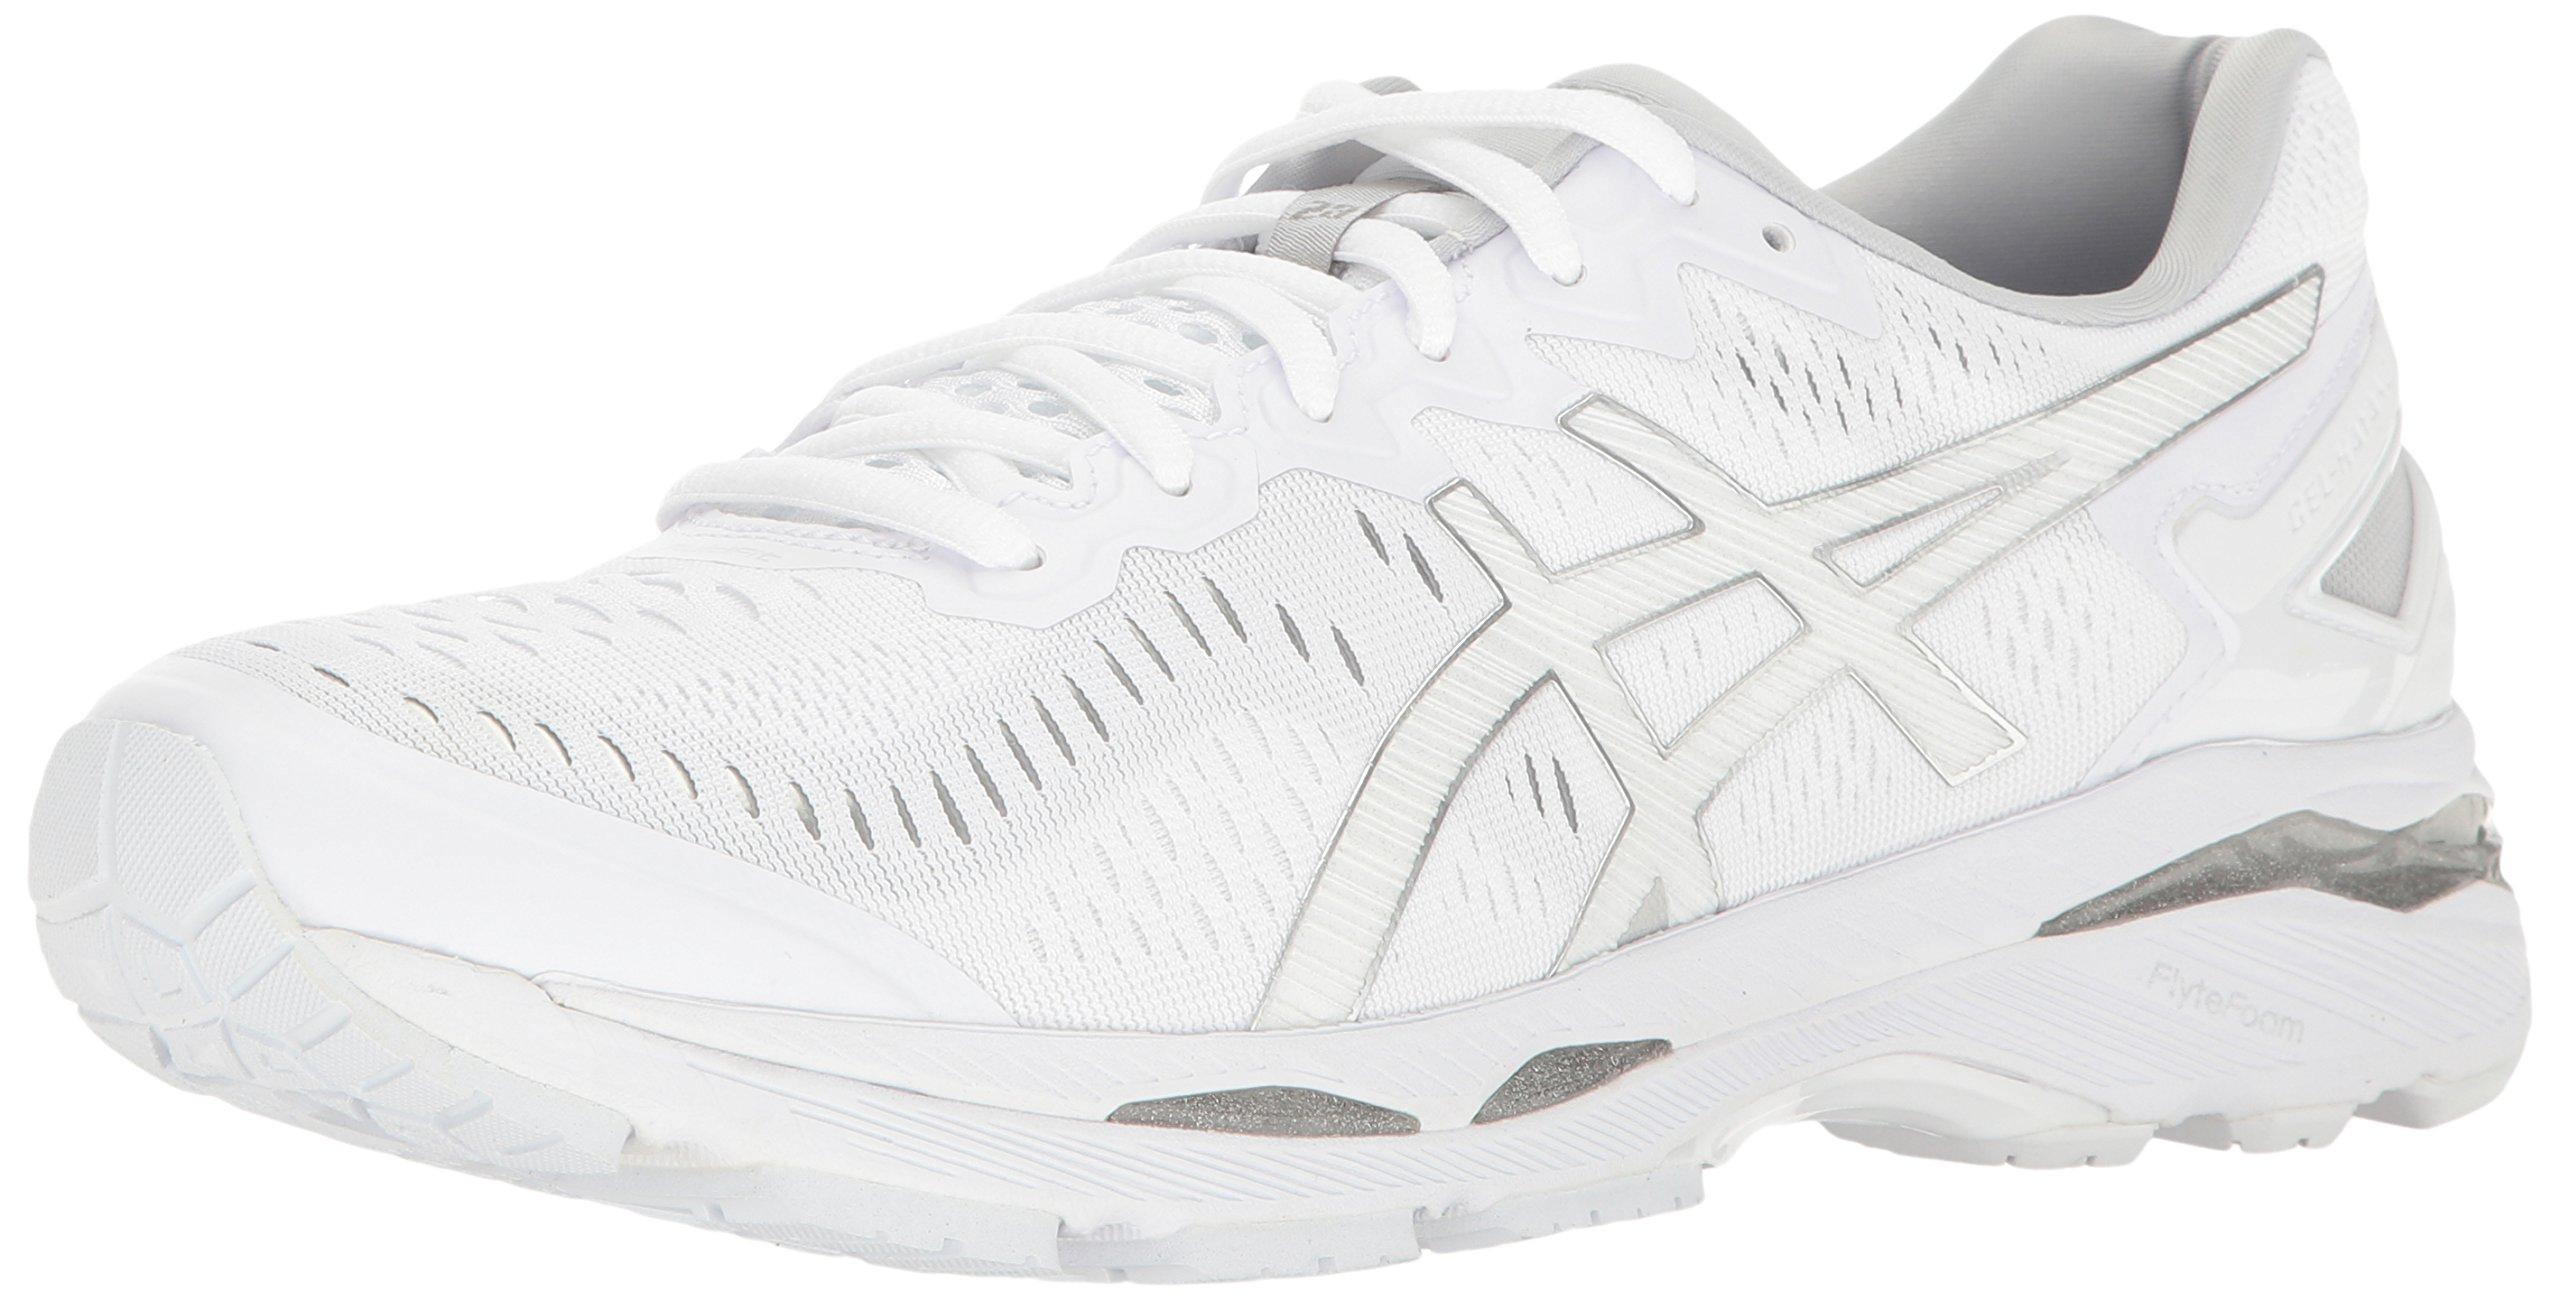 ASICS Men's Gel-Kayano 23 Running Shoe, White/Snow/Silver, 11.5 M US